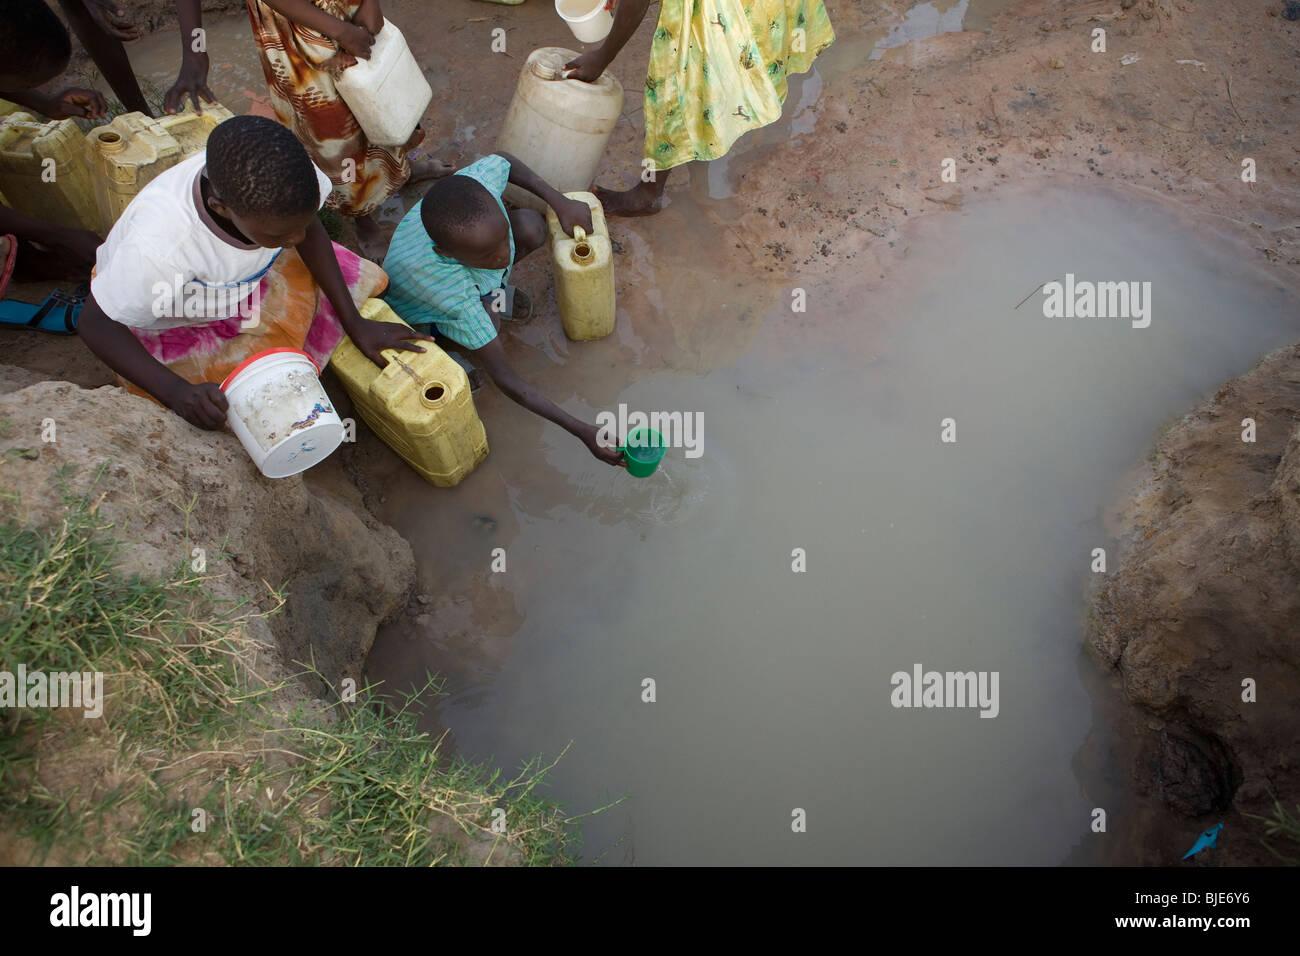 Kinder schöpfen Wasser aus einem Wasserloch in Amuria District, Uganda, Ostafrika. Stockbild